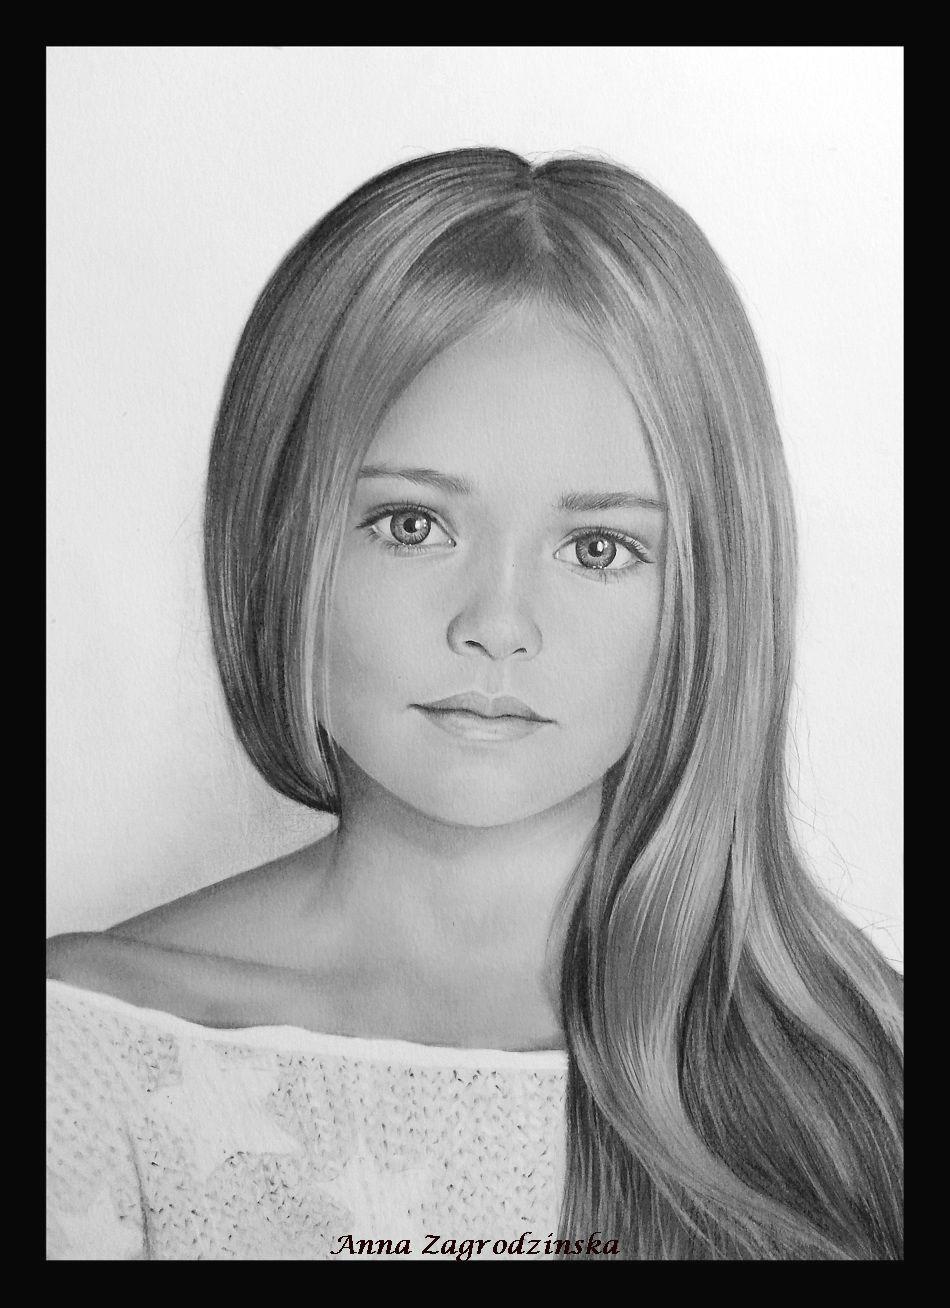 Dessin dessin portrait d 39 une fille - Dessins de filles ...